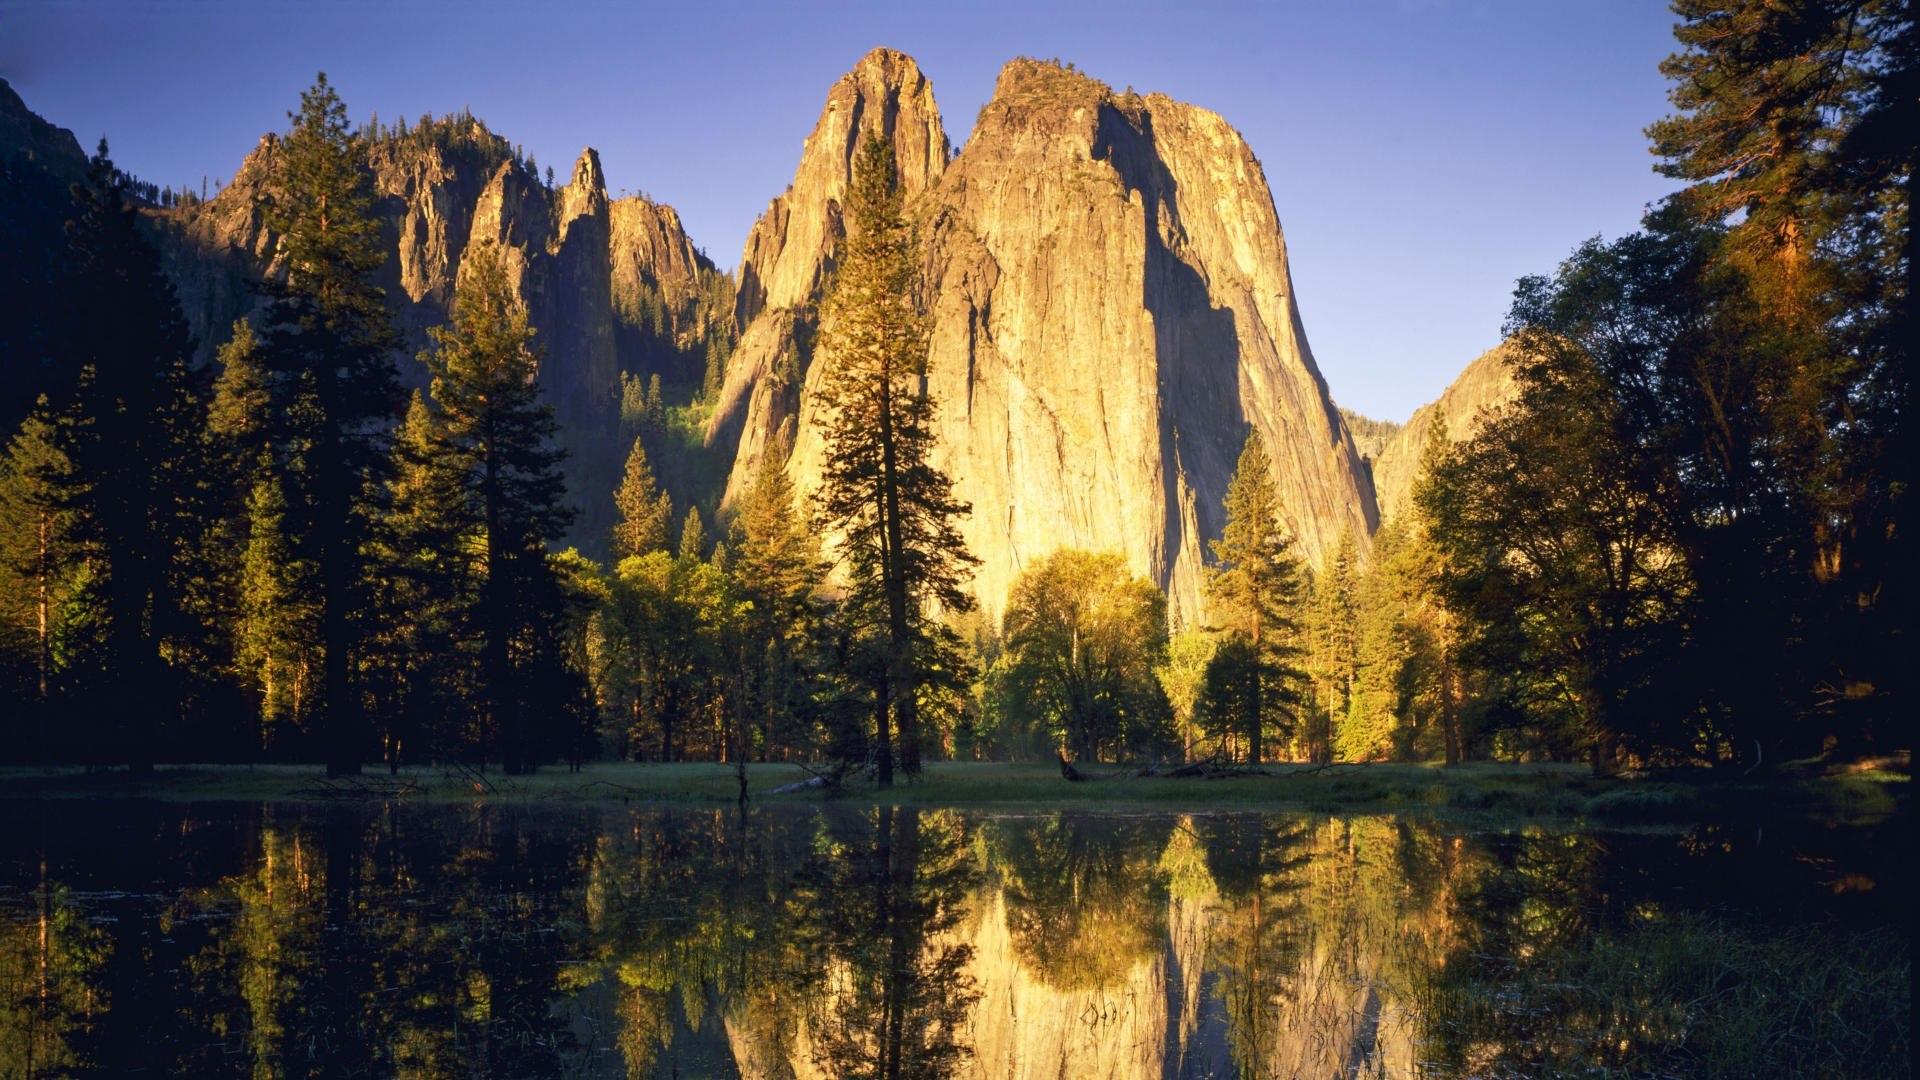 48 Yosemite 3 Wallpaper On Wallpapersafari